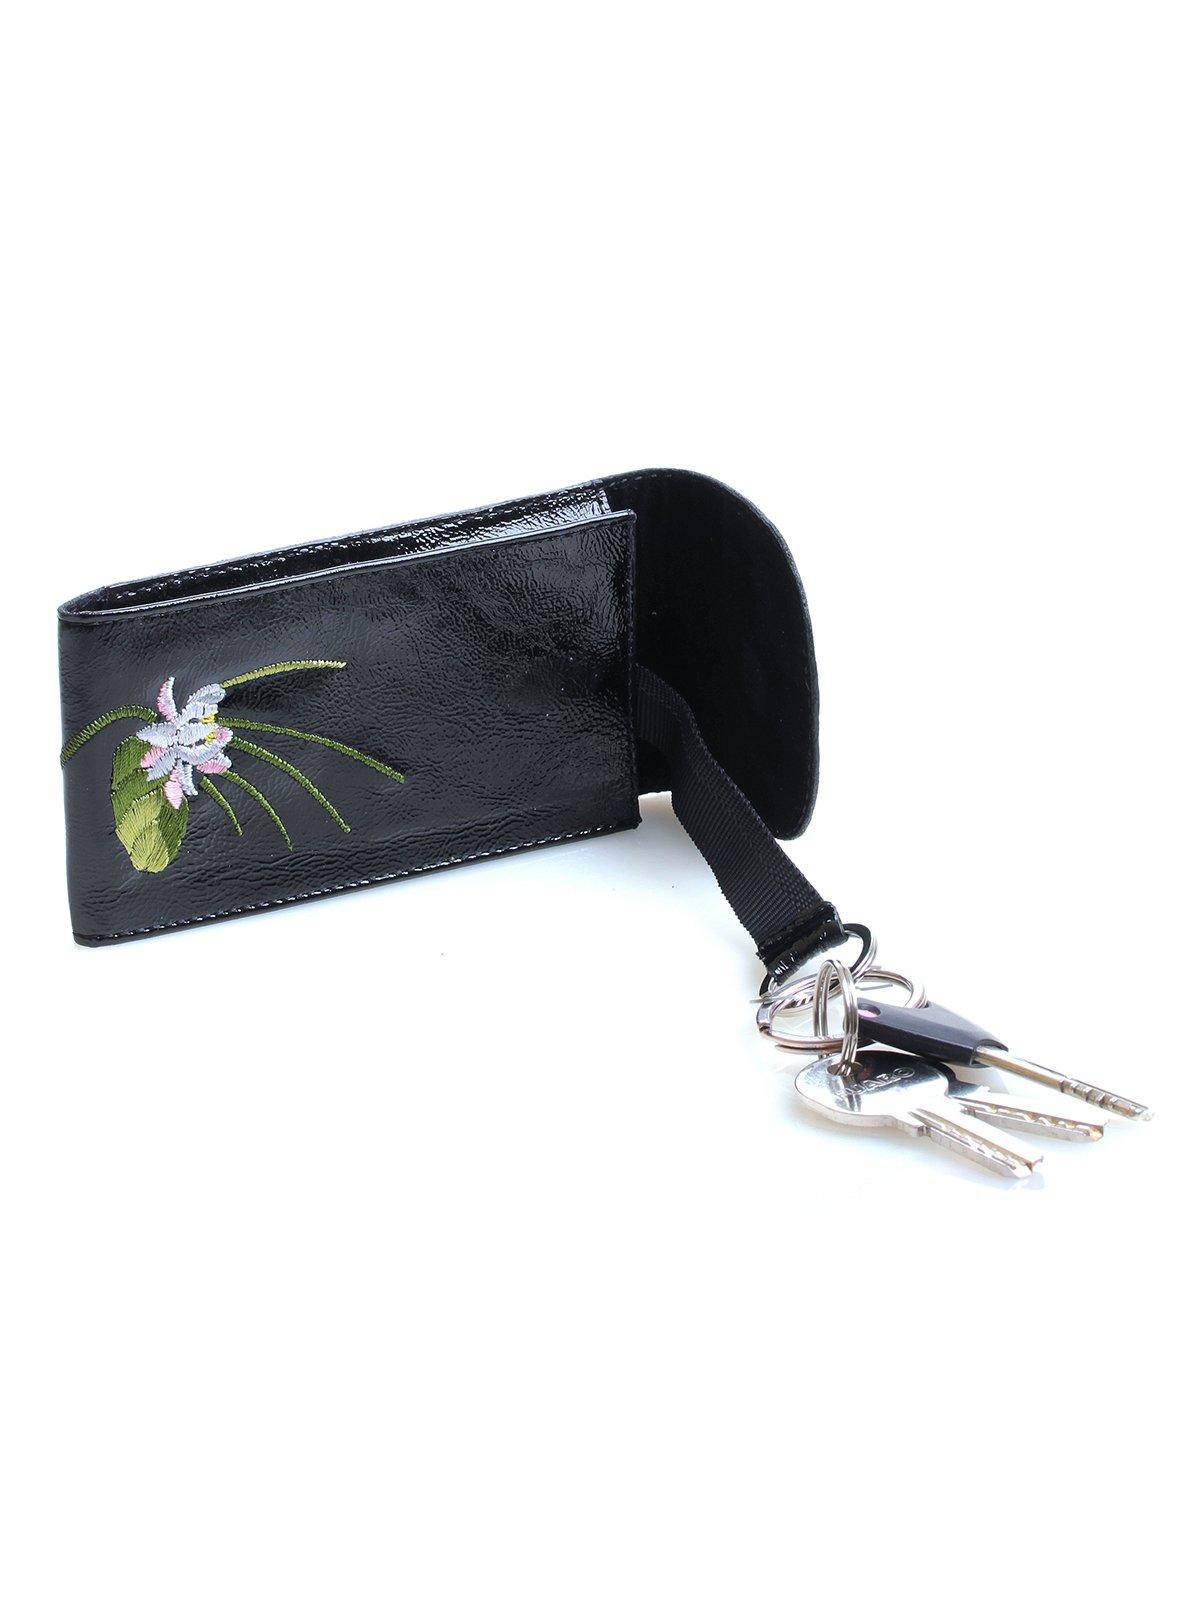 Ключница черная с вышивкой   3997139   фото 2